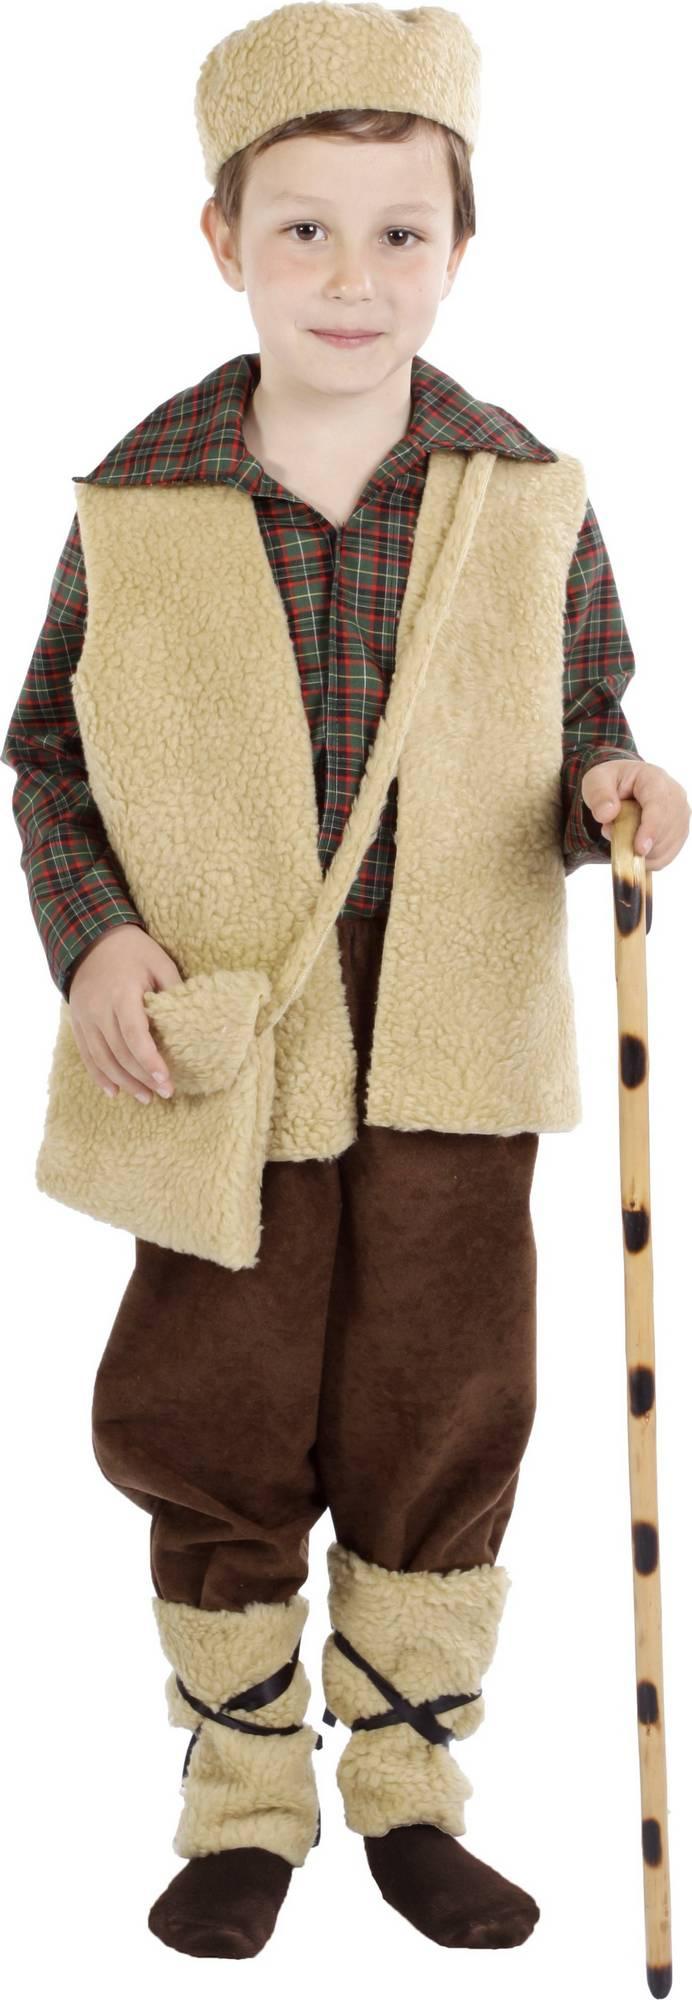 Costume per ragazzo da pastore su VegaooParty, negozio di